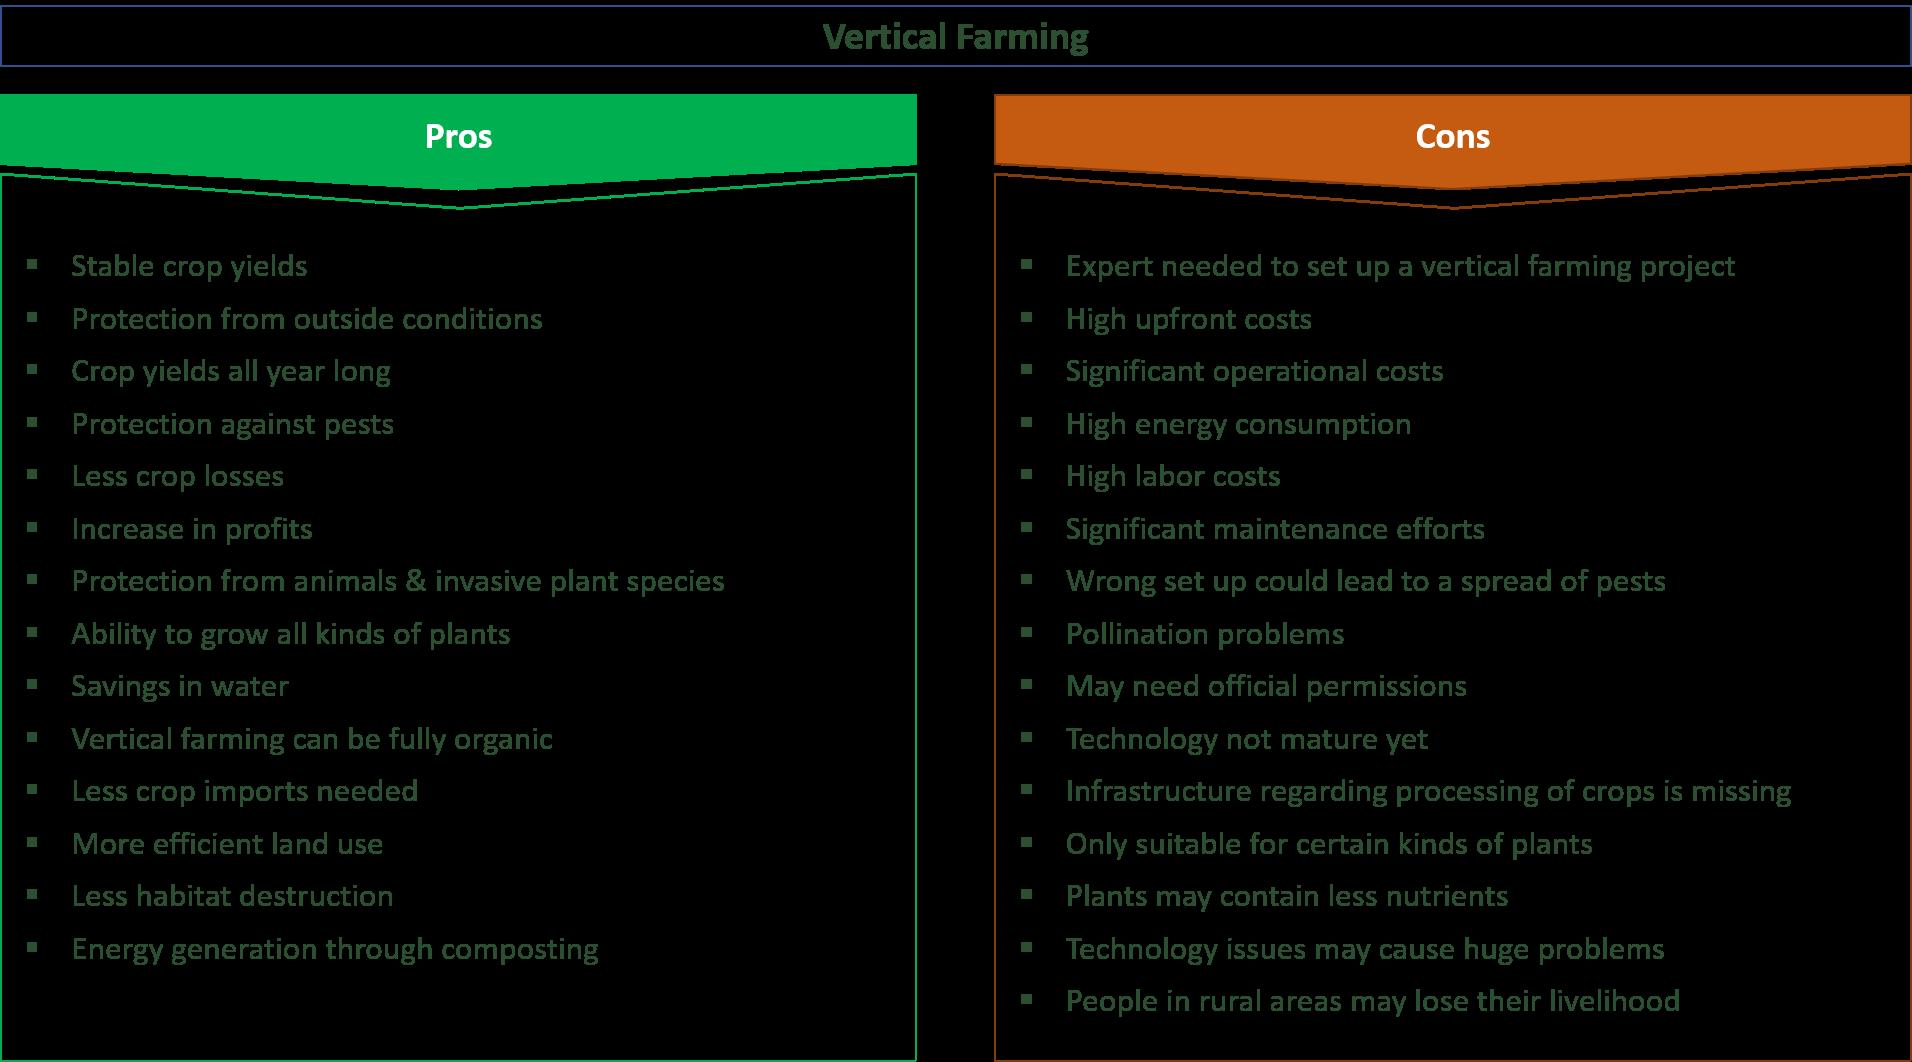 29 Major Pros & Cons Of Vertical Farming - E&C